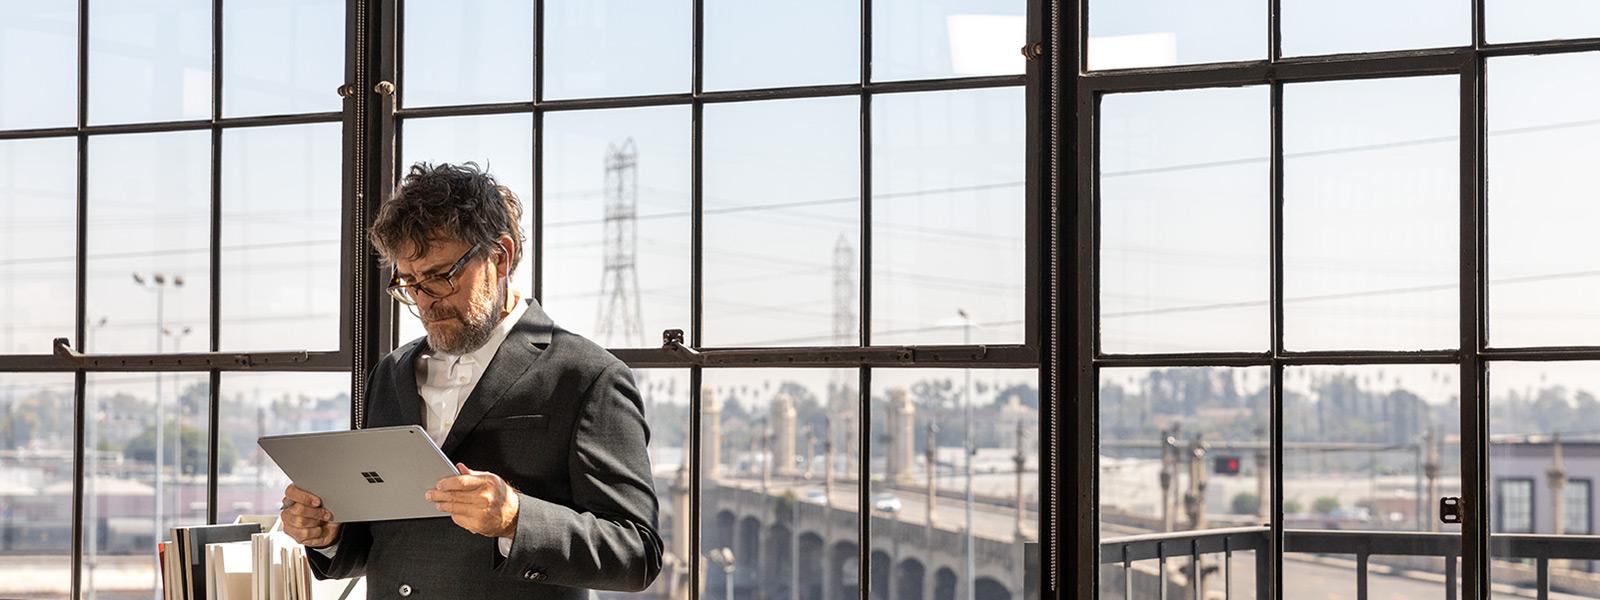 Muž stojící u okna se dívá do svého tabletu Surface Book 3